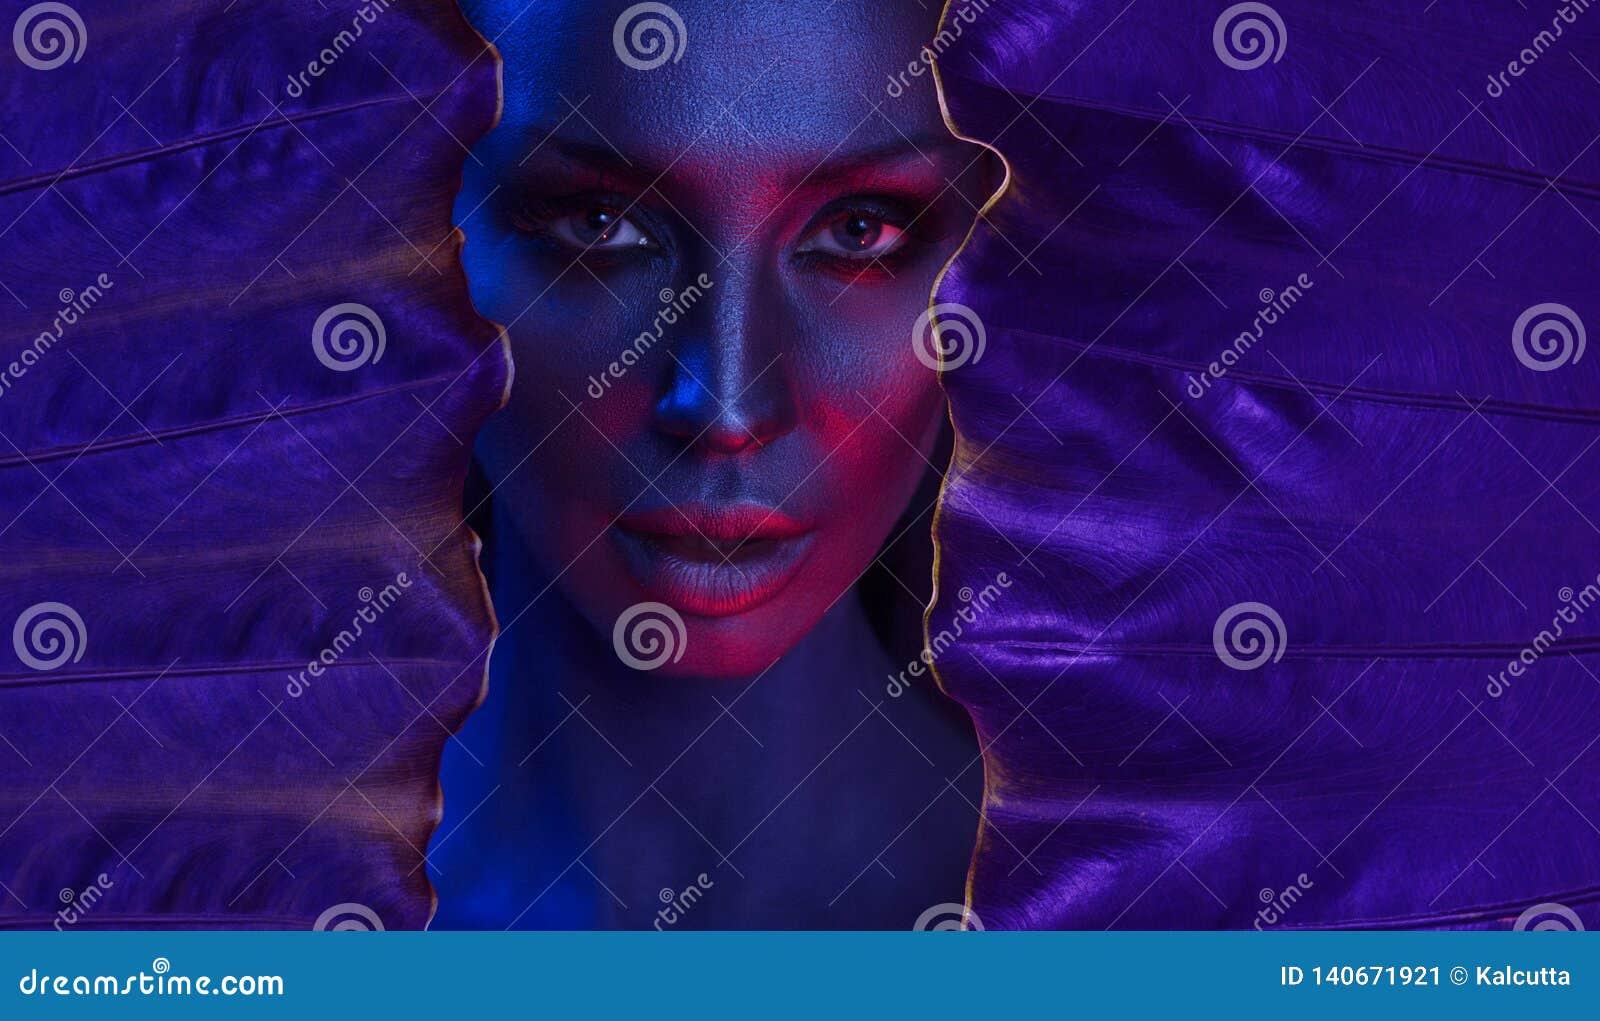 Ritratto al neon di arte di bella giovane donna con trucco mistico affascinante